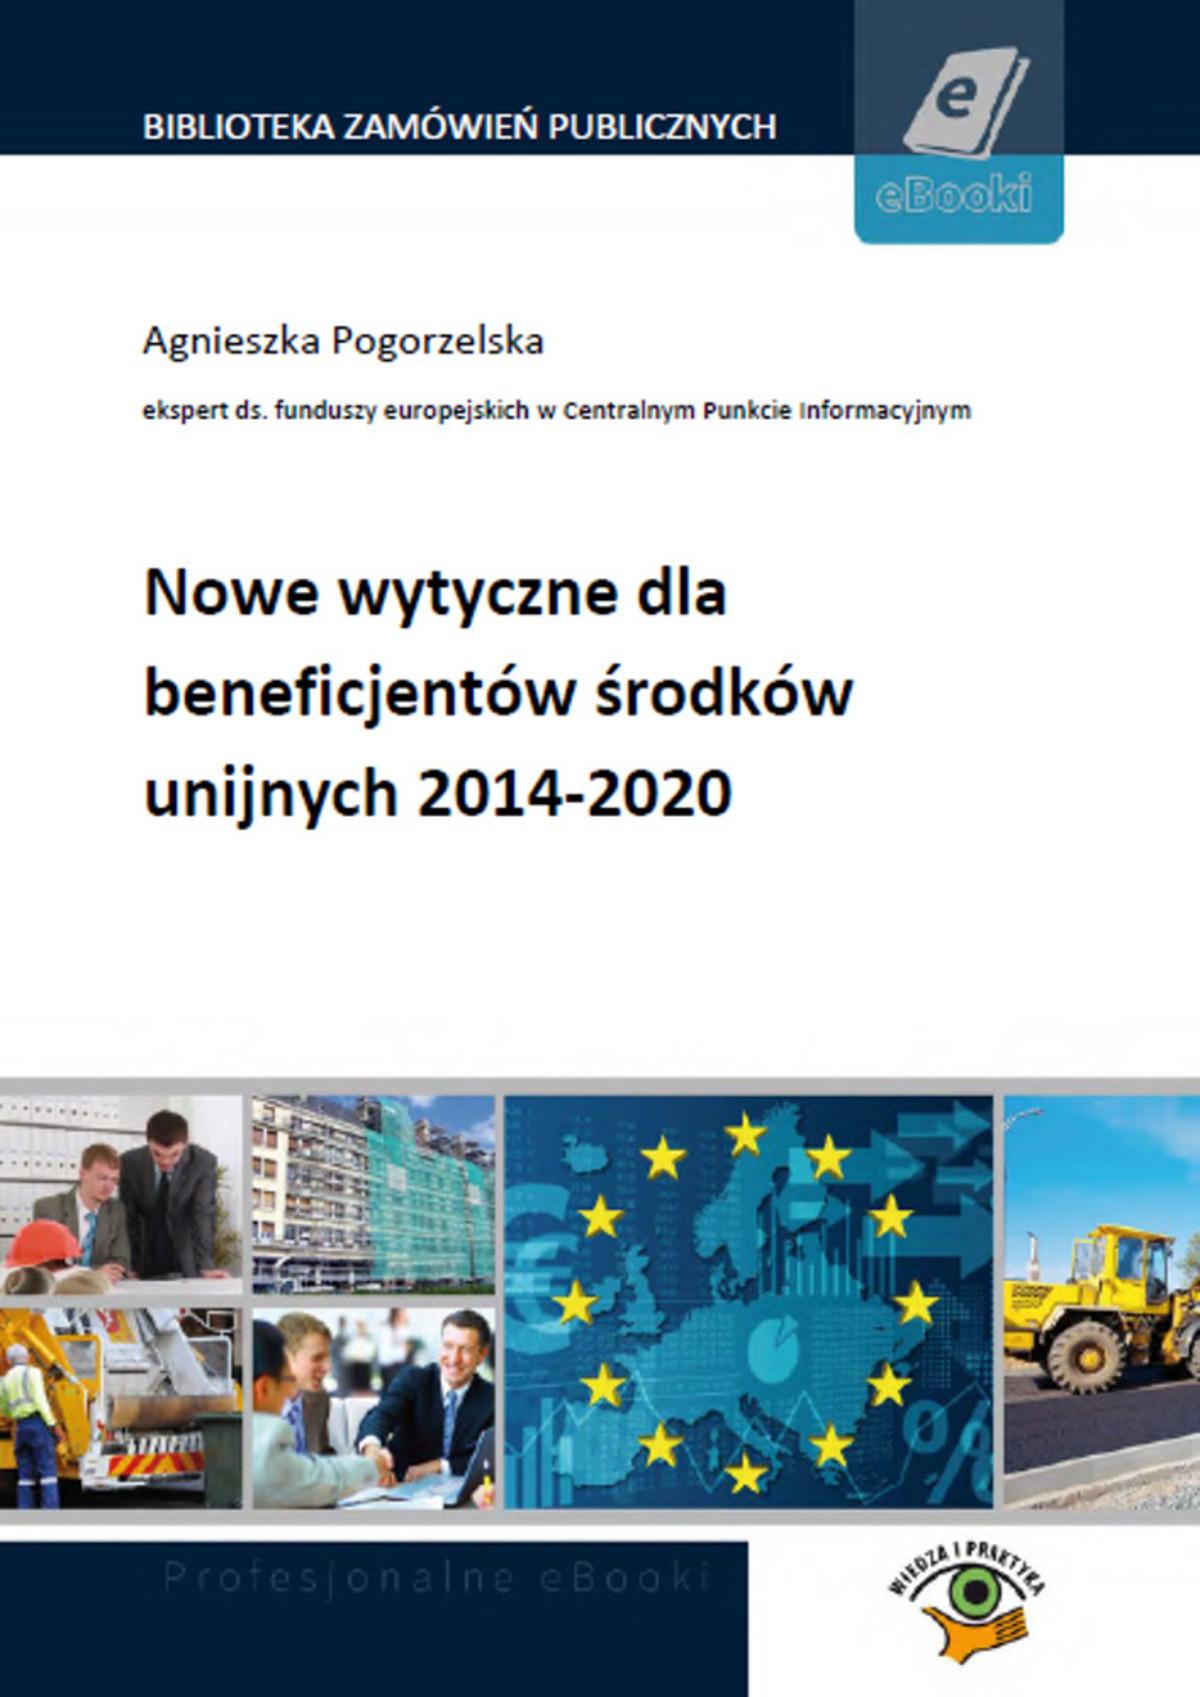 :: Nowe wytyczne dla beneficjentów środków unijnych 2014-2020 - e-book ::